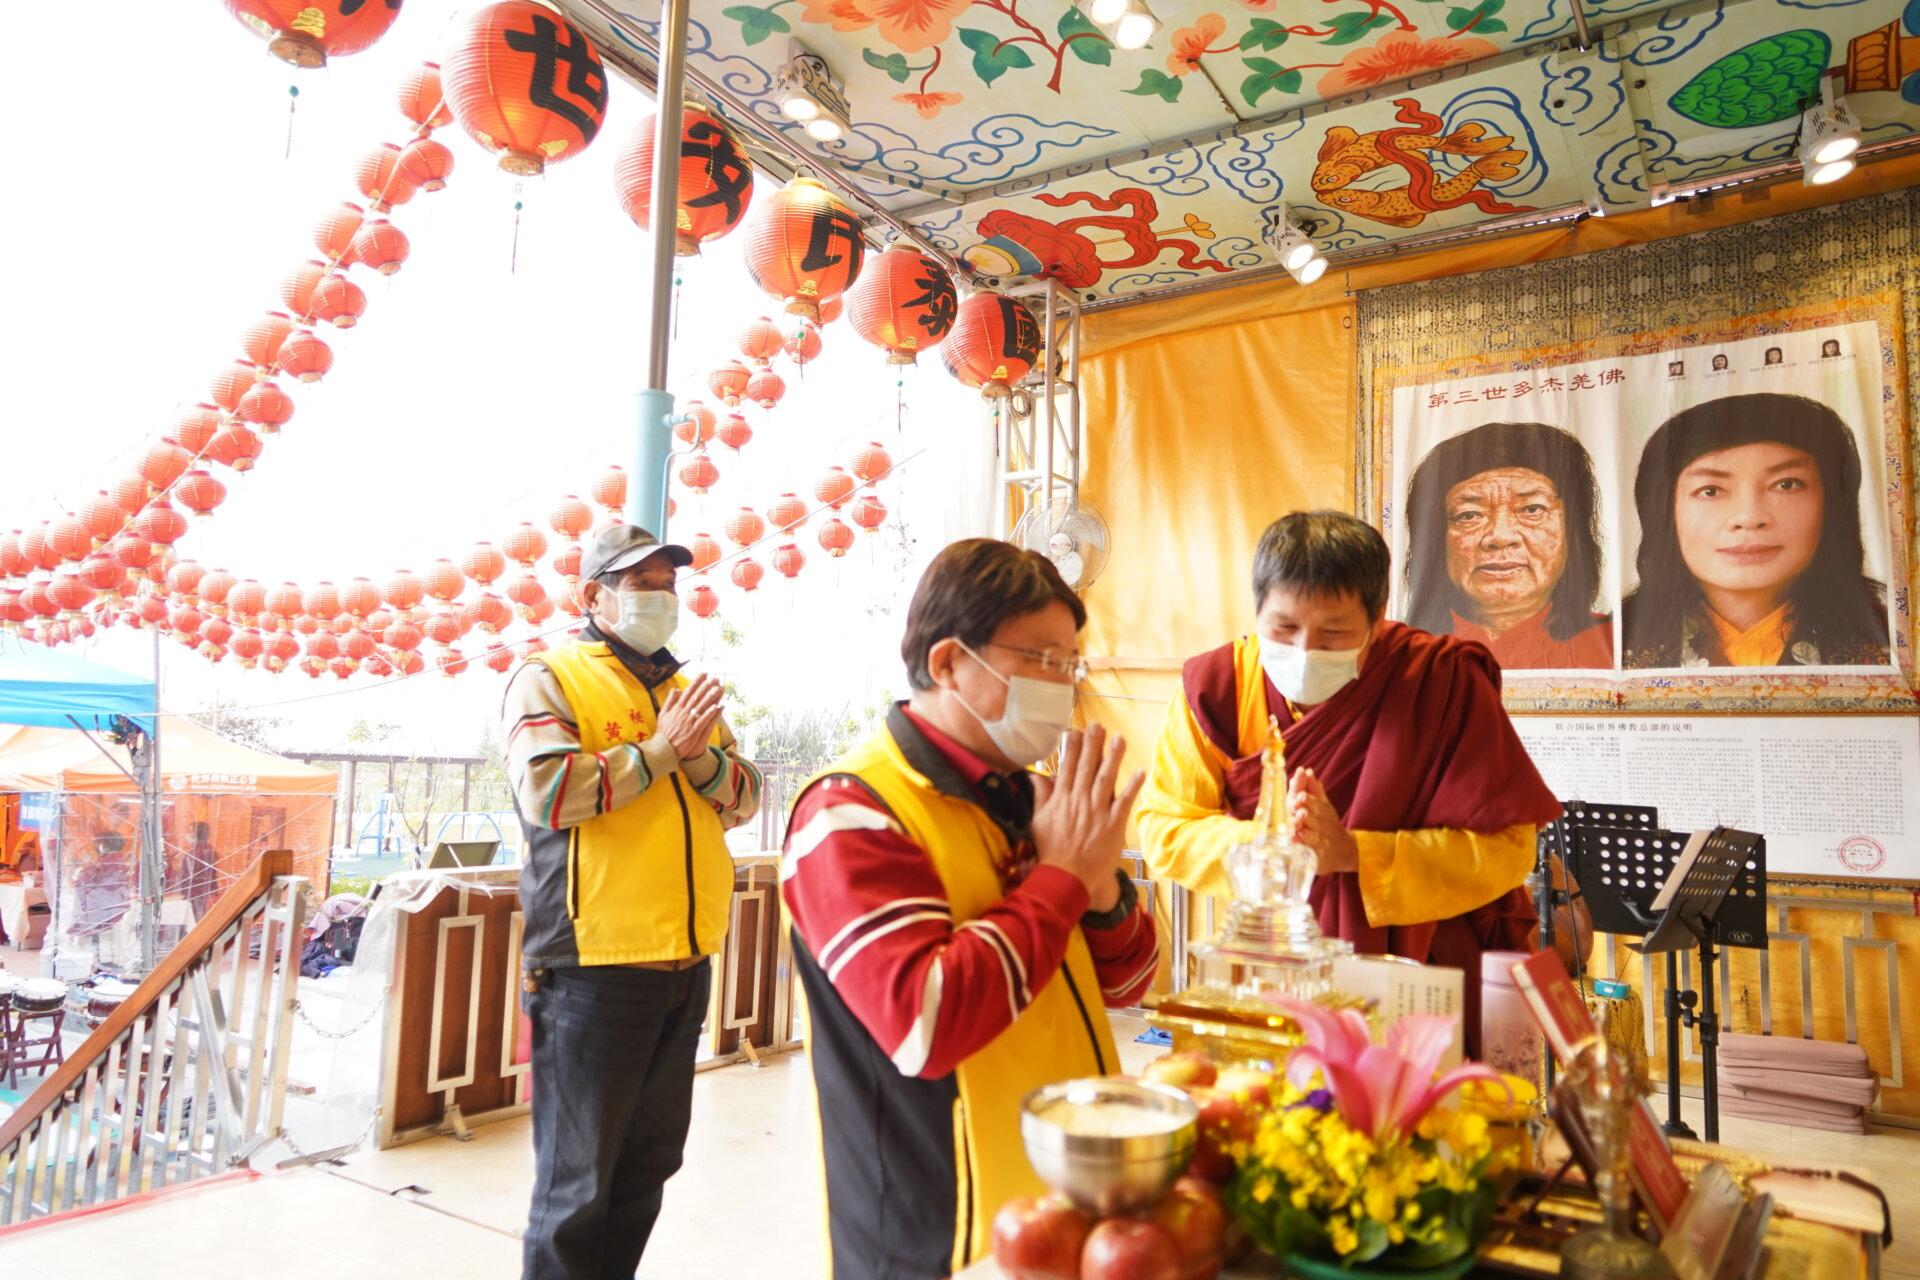 行動佛殿118站台南七股,陳昆和議員恭敬合掌頂禮三寶佛